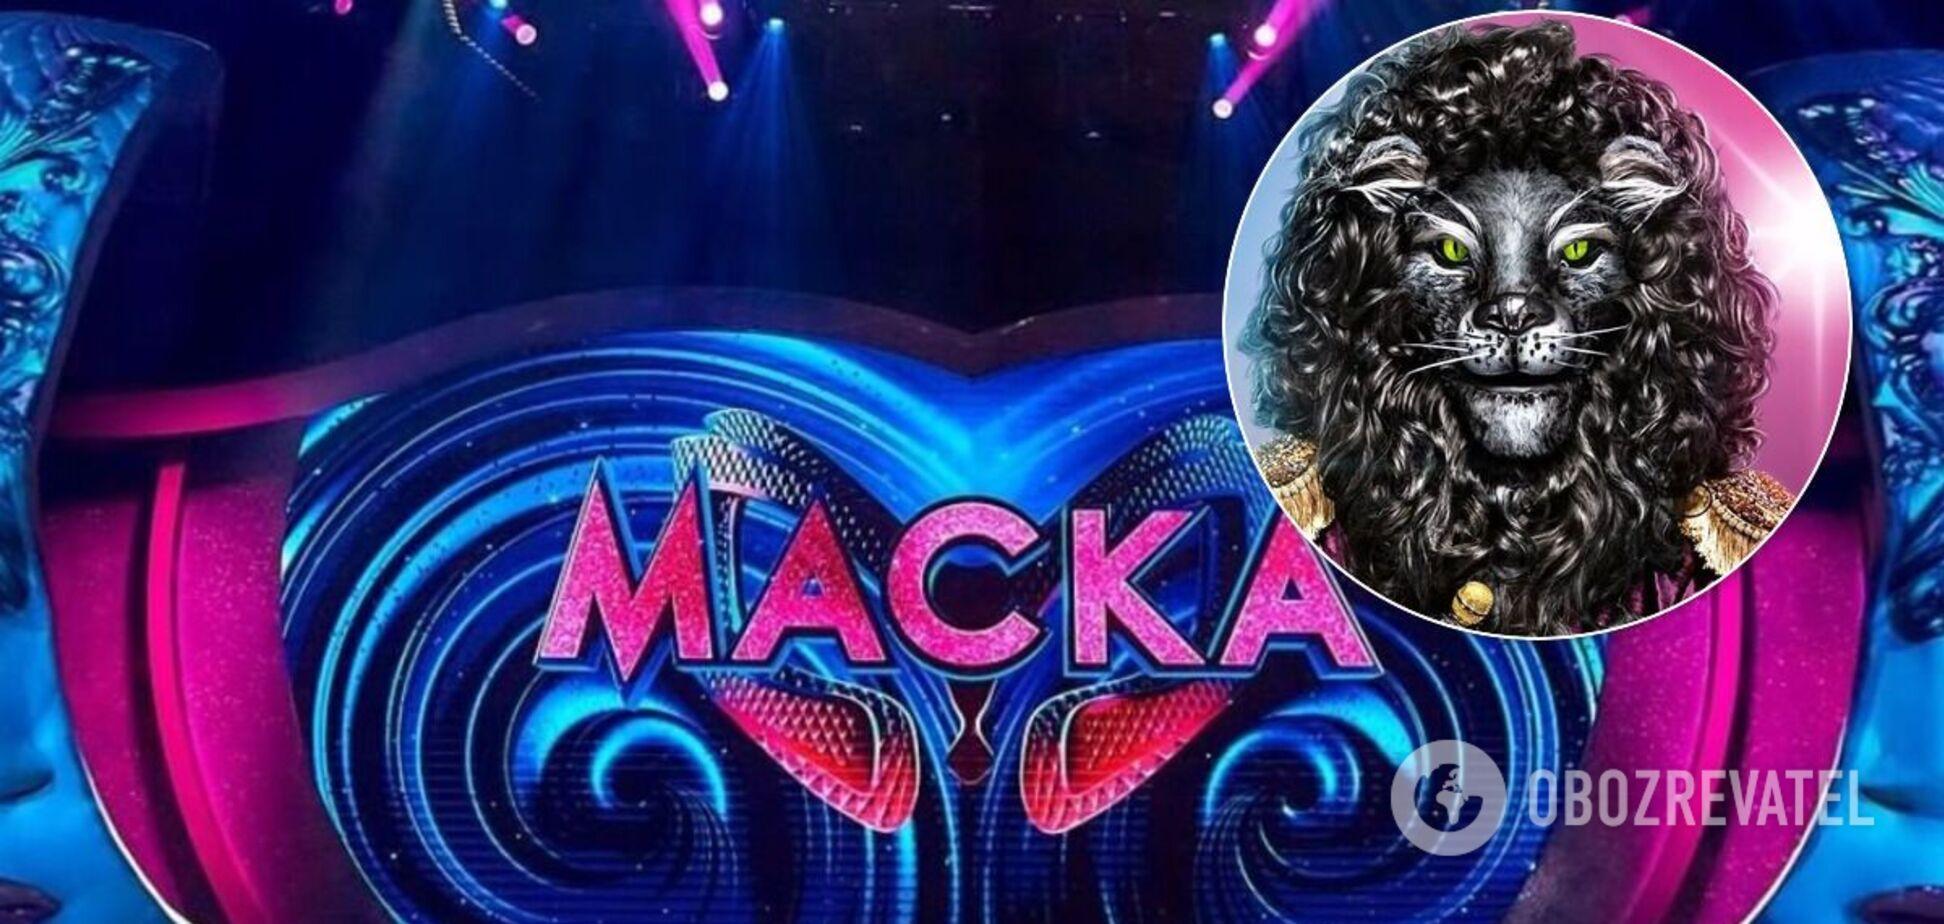 У мережі натякнули, хто може ховатися на шоу 'Маска' у костюмі лева